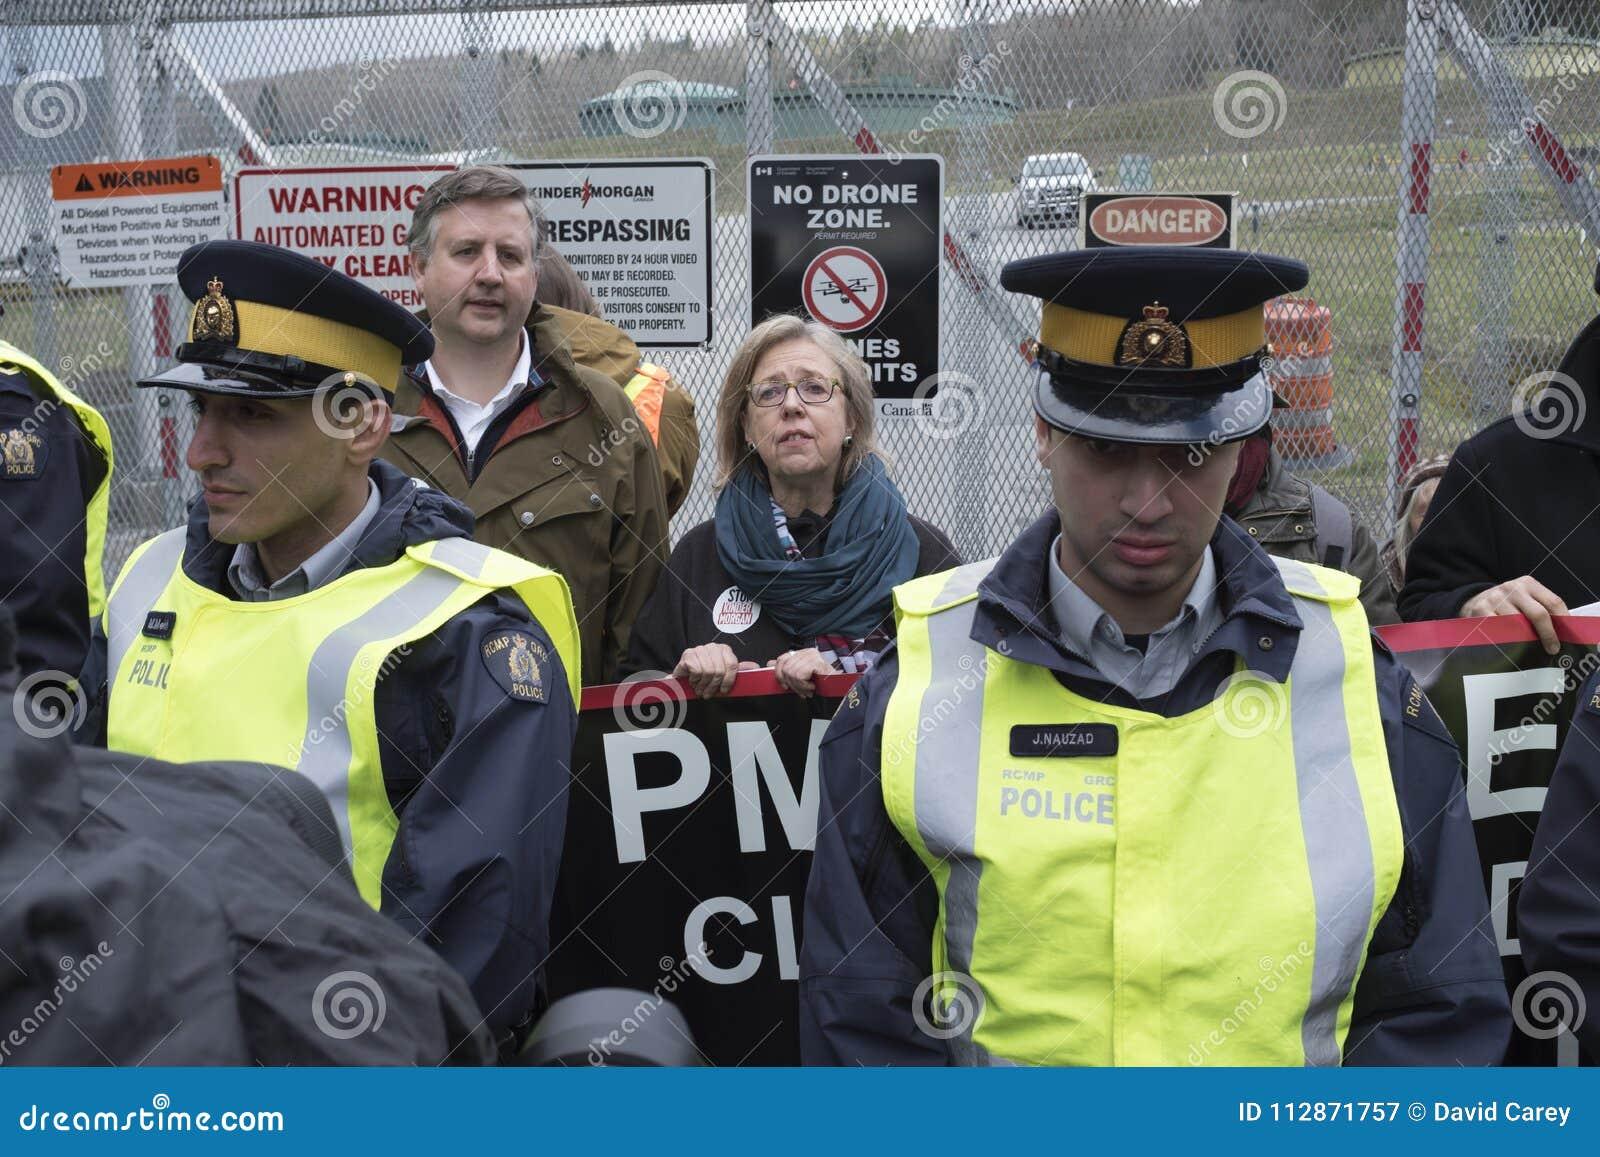 Elizabeth May und Kennedy Stewart festgenommen am Kinder Morgan-Tanklager in Burnaby, BC